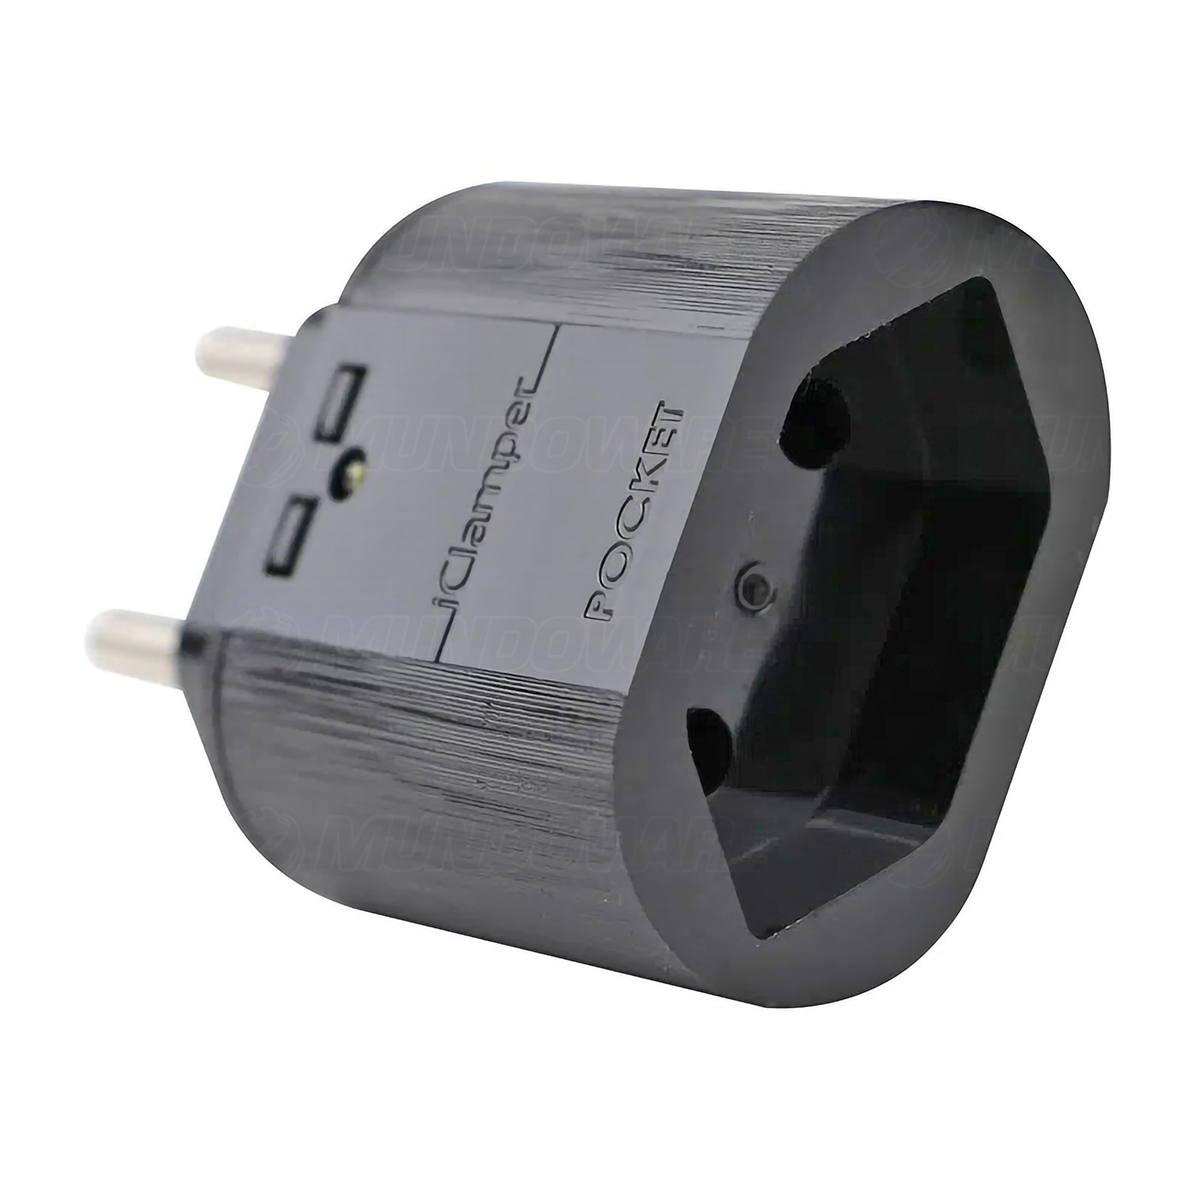 DPS iClamper Pocket 2P 20A Bivolt Protege Contra Raios e Surtos Elétricos Mesmo Sem Aterramento Clamper 2 Pinos Preto